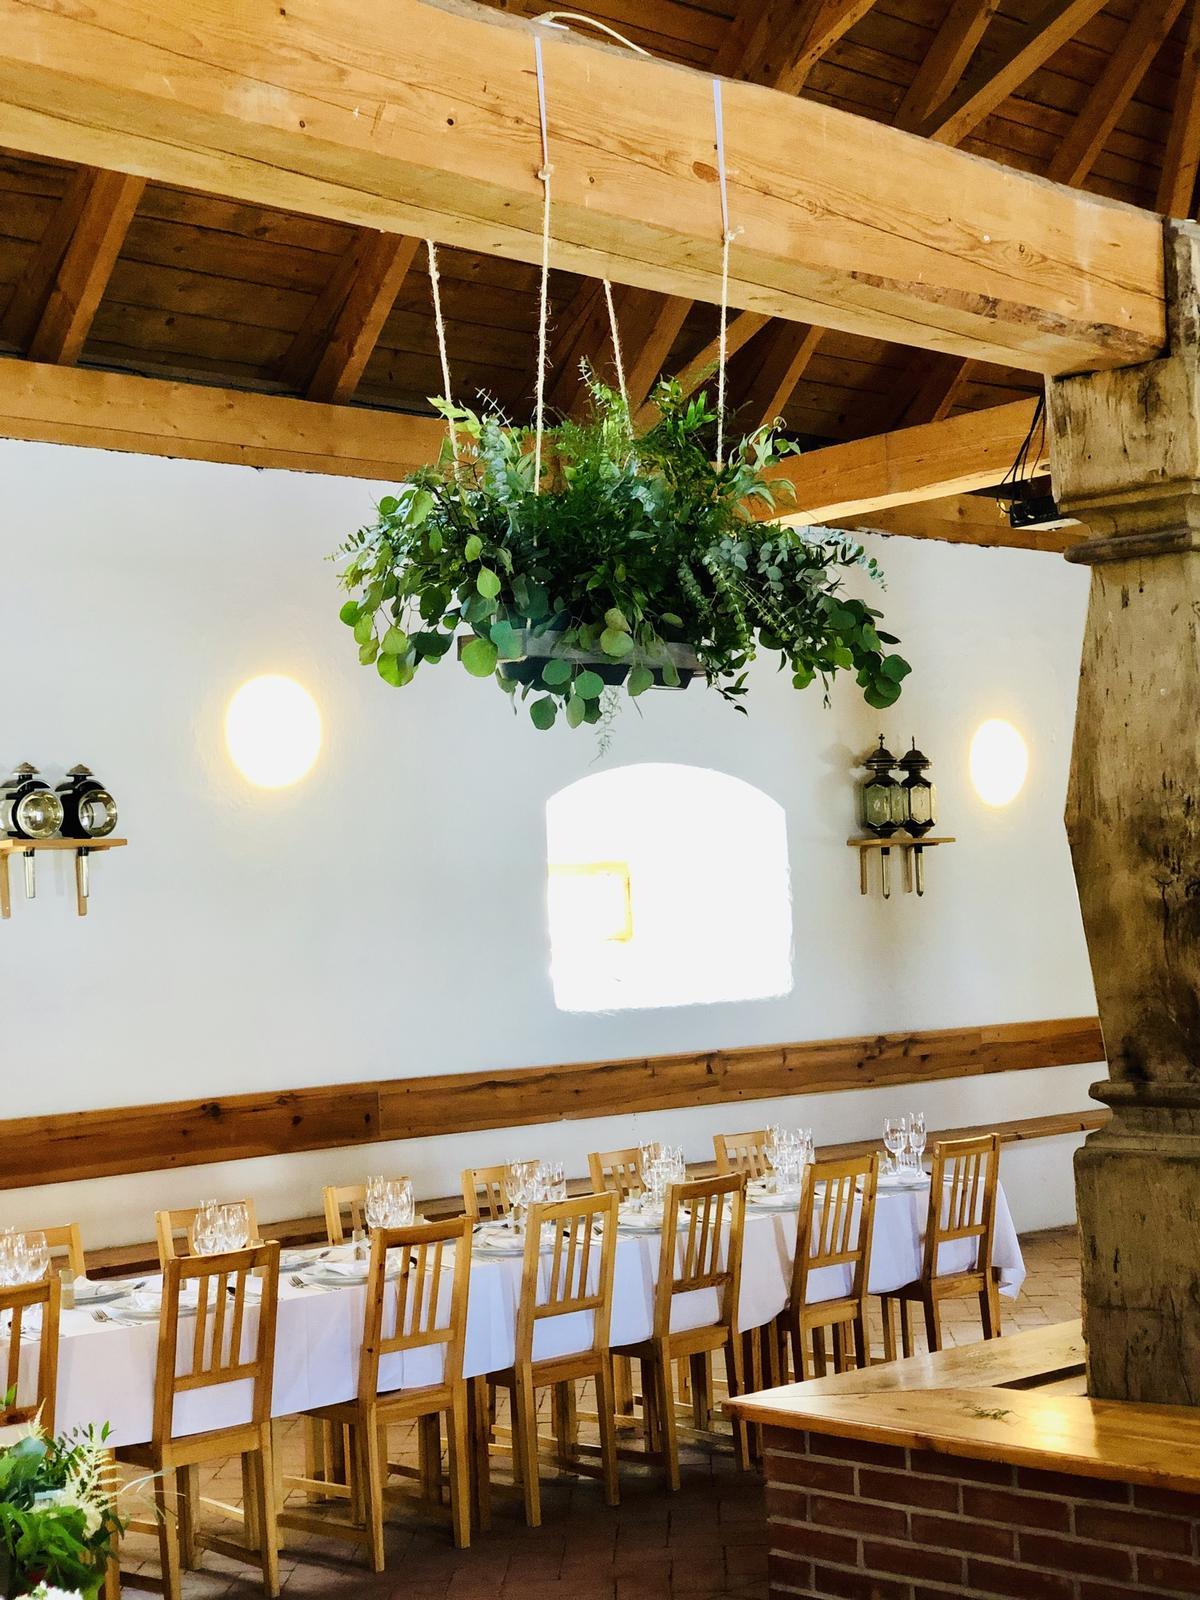 Vyzdoba a květiny na klíč 27.7.2019 Barokní statek Benice u Benešova - Vyzdobanaklic.cz